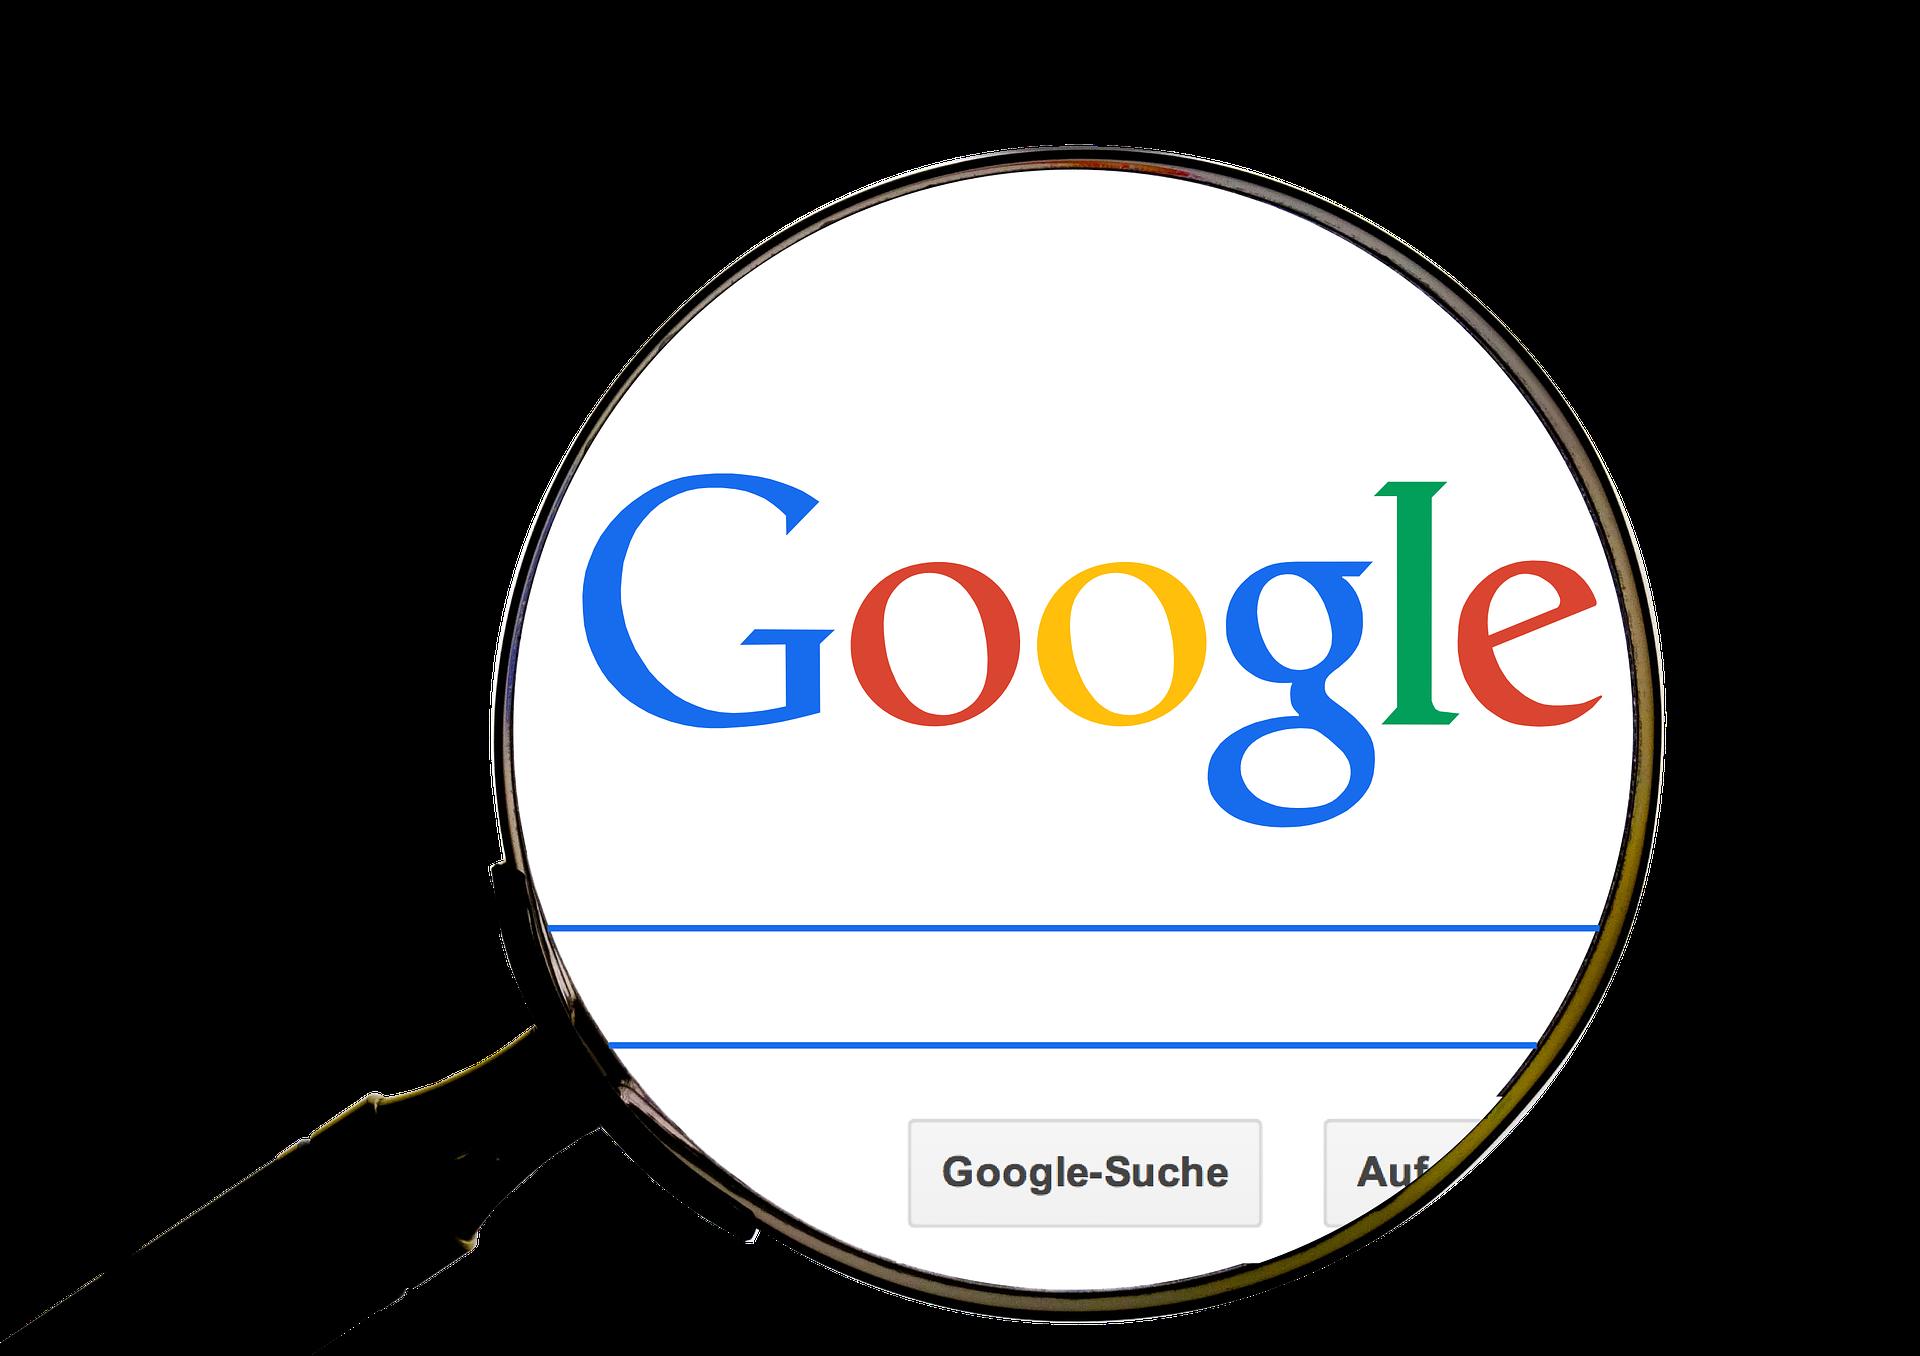 Chi ha inventato Google